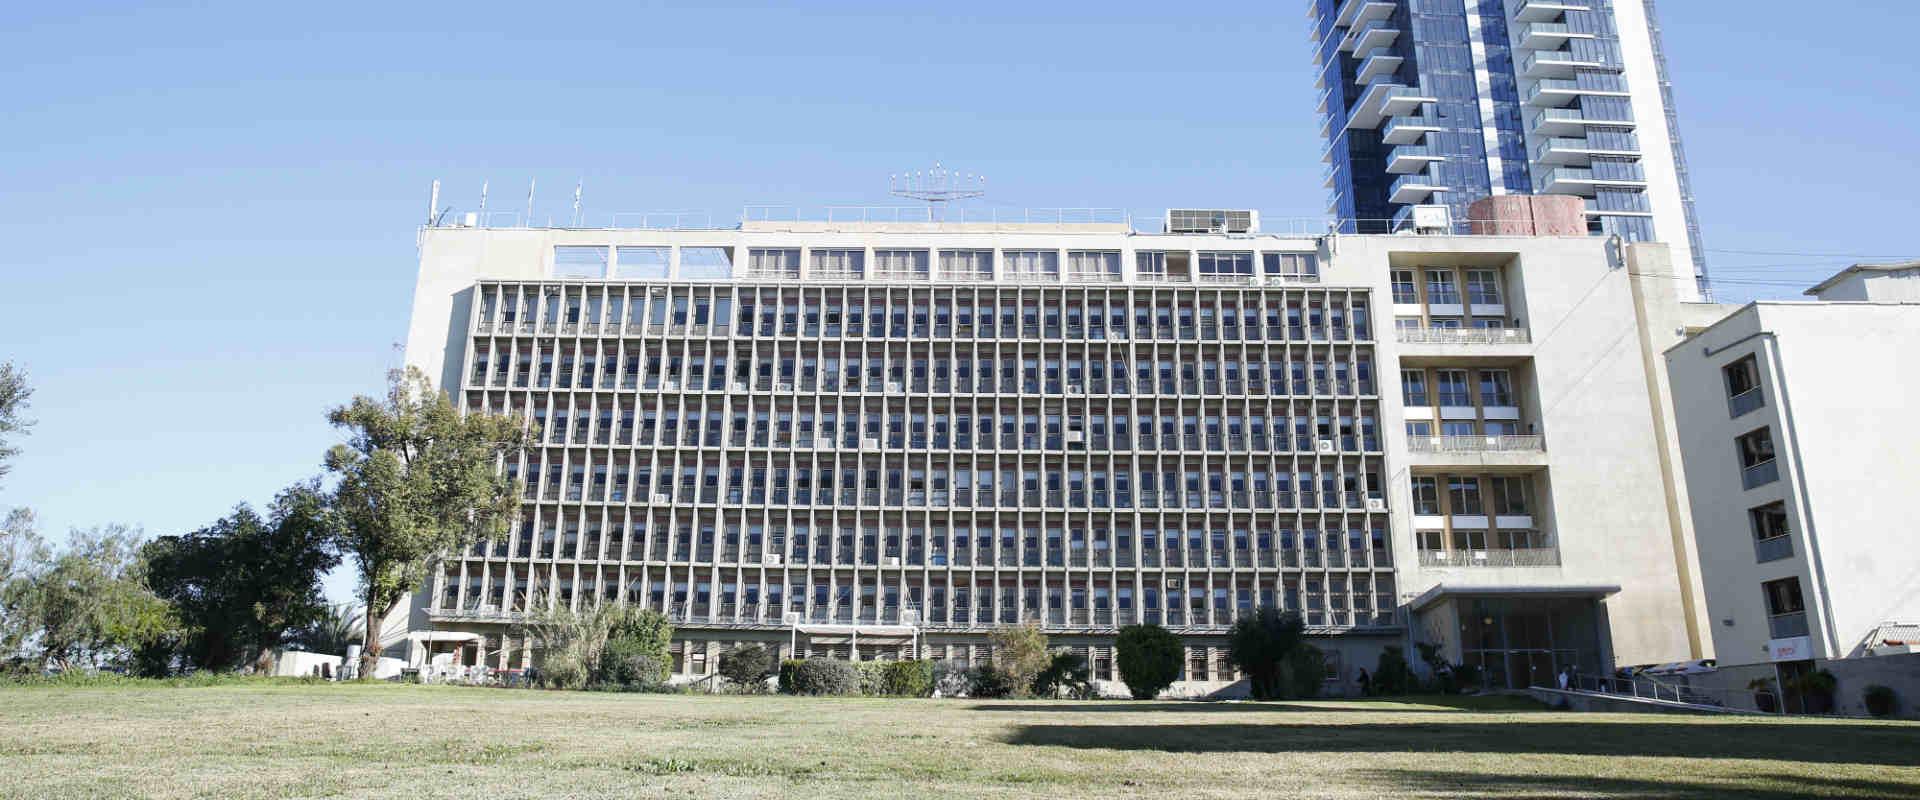 בניין ההסתדרות בתל אביב